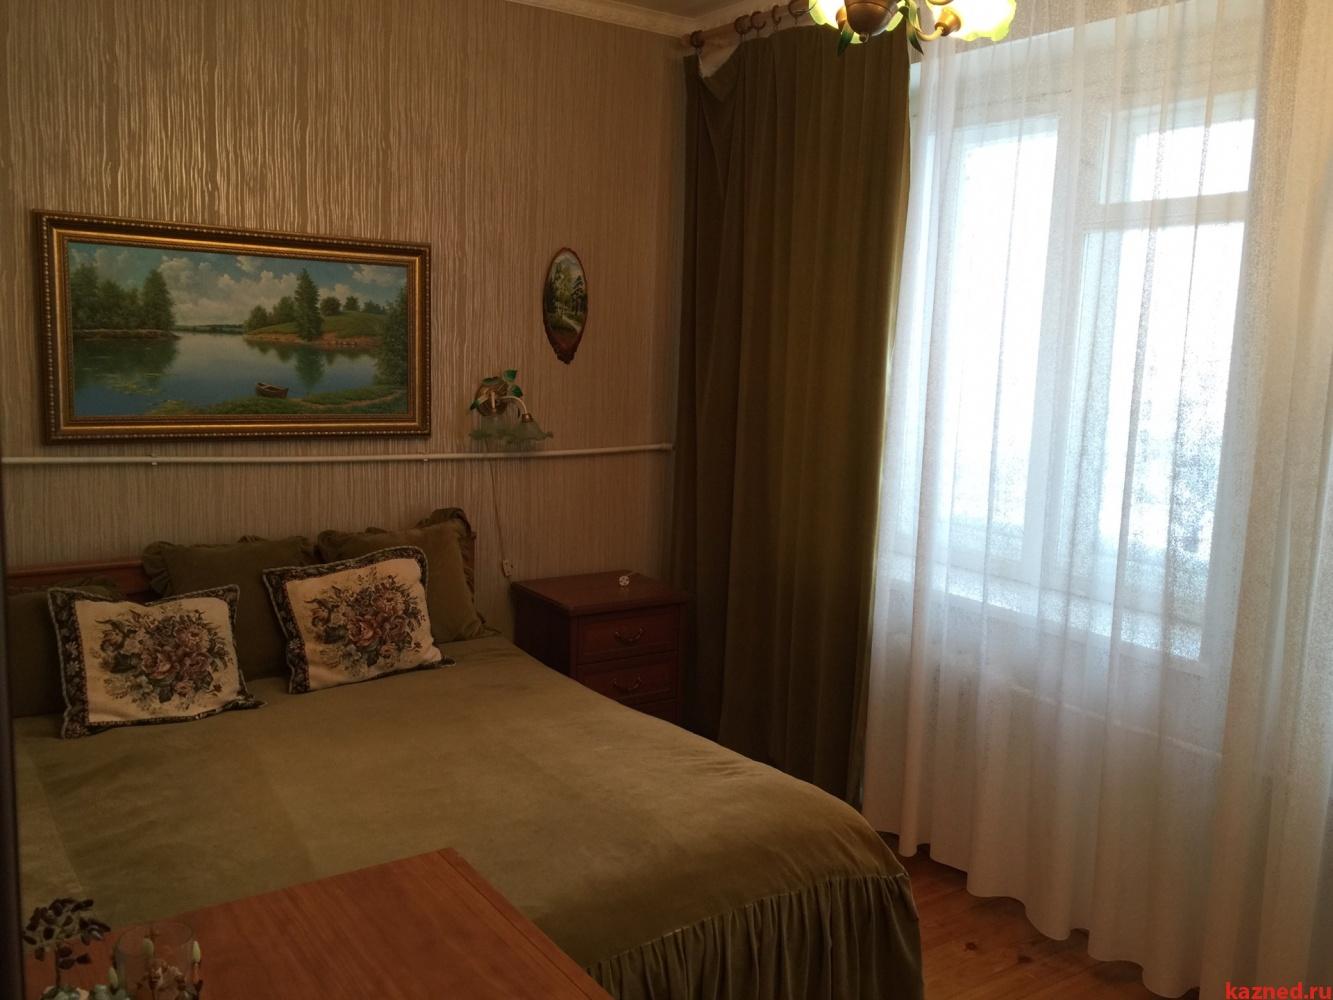 Продажа  дома Овражная, 48, 240 м²  (миниатюра №10)